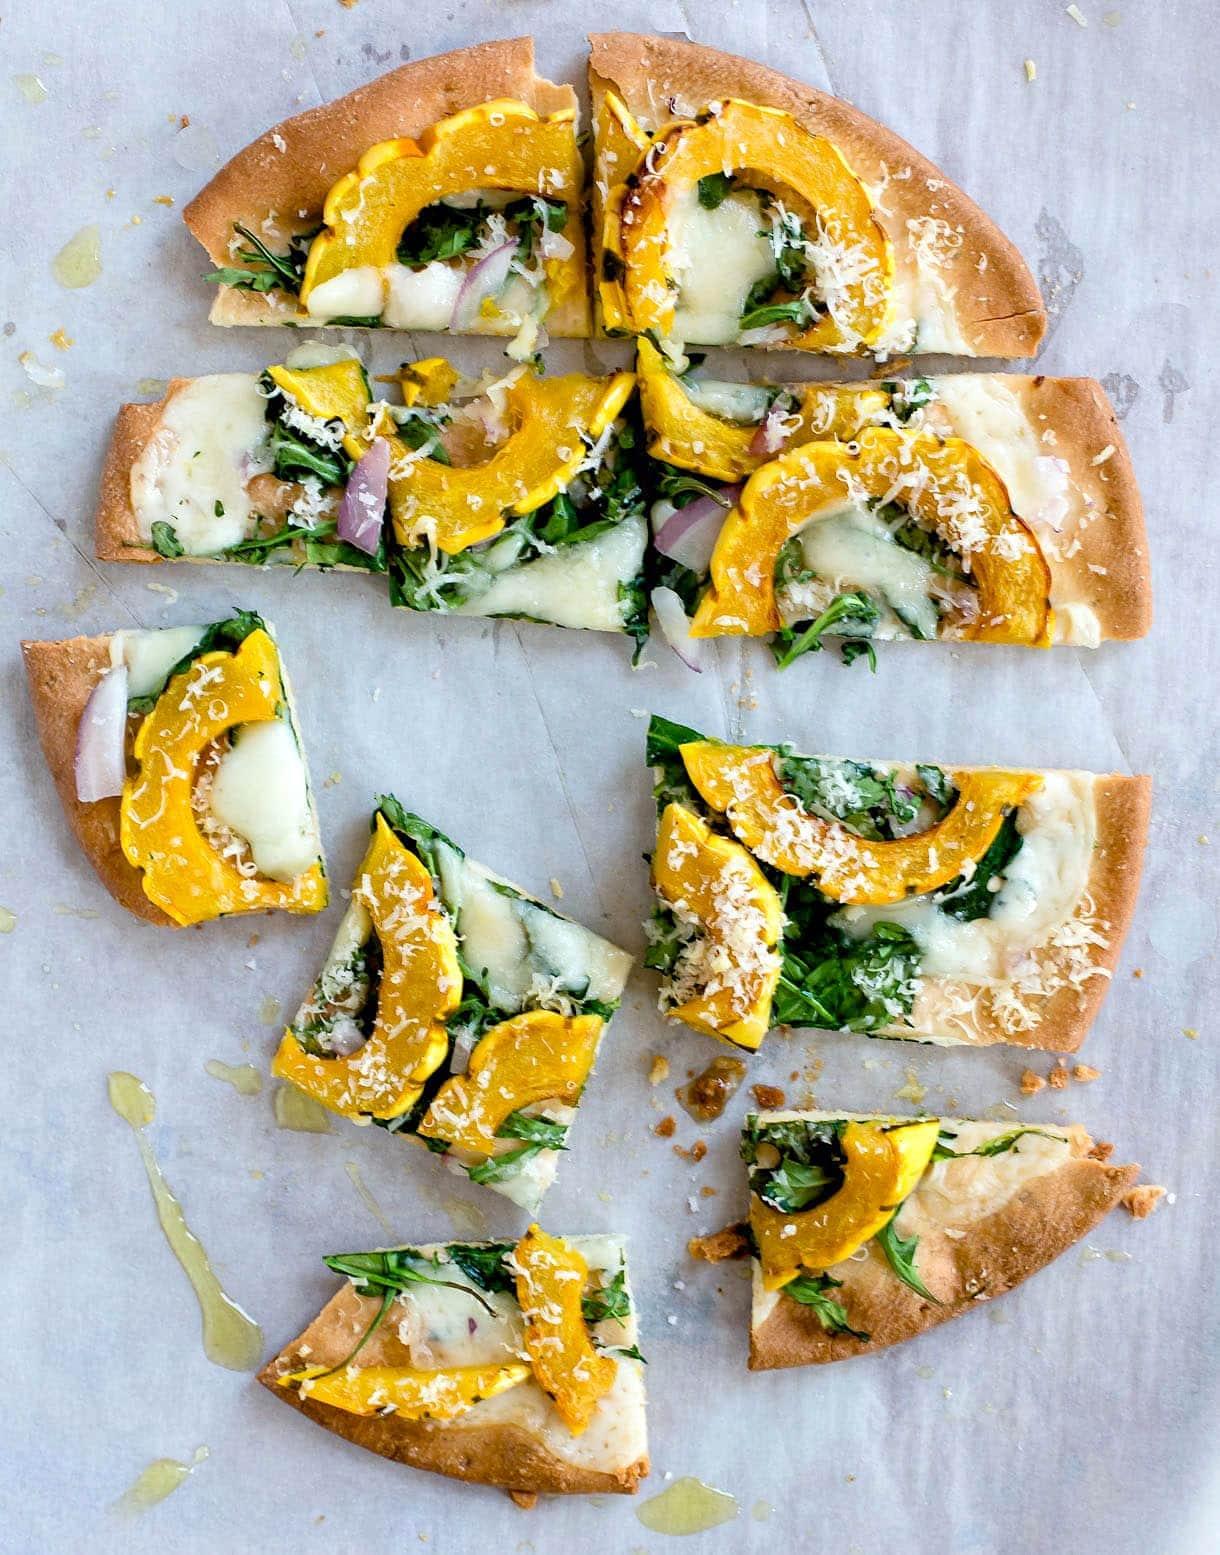 {gluten-free} Winter White Pizza with Delicata Squash & Gouda